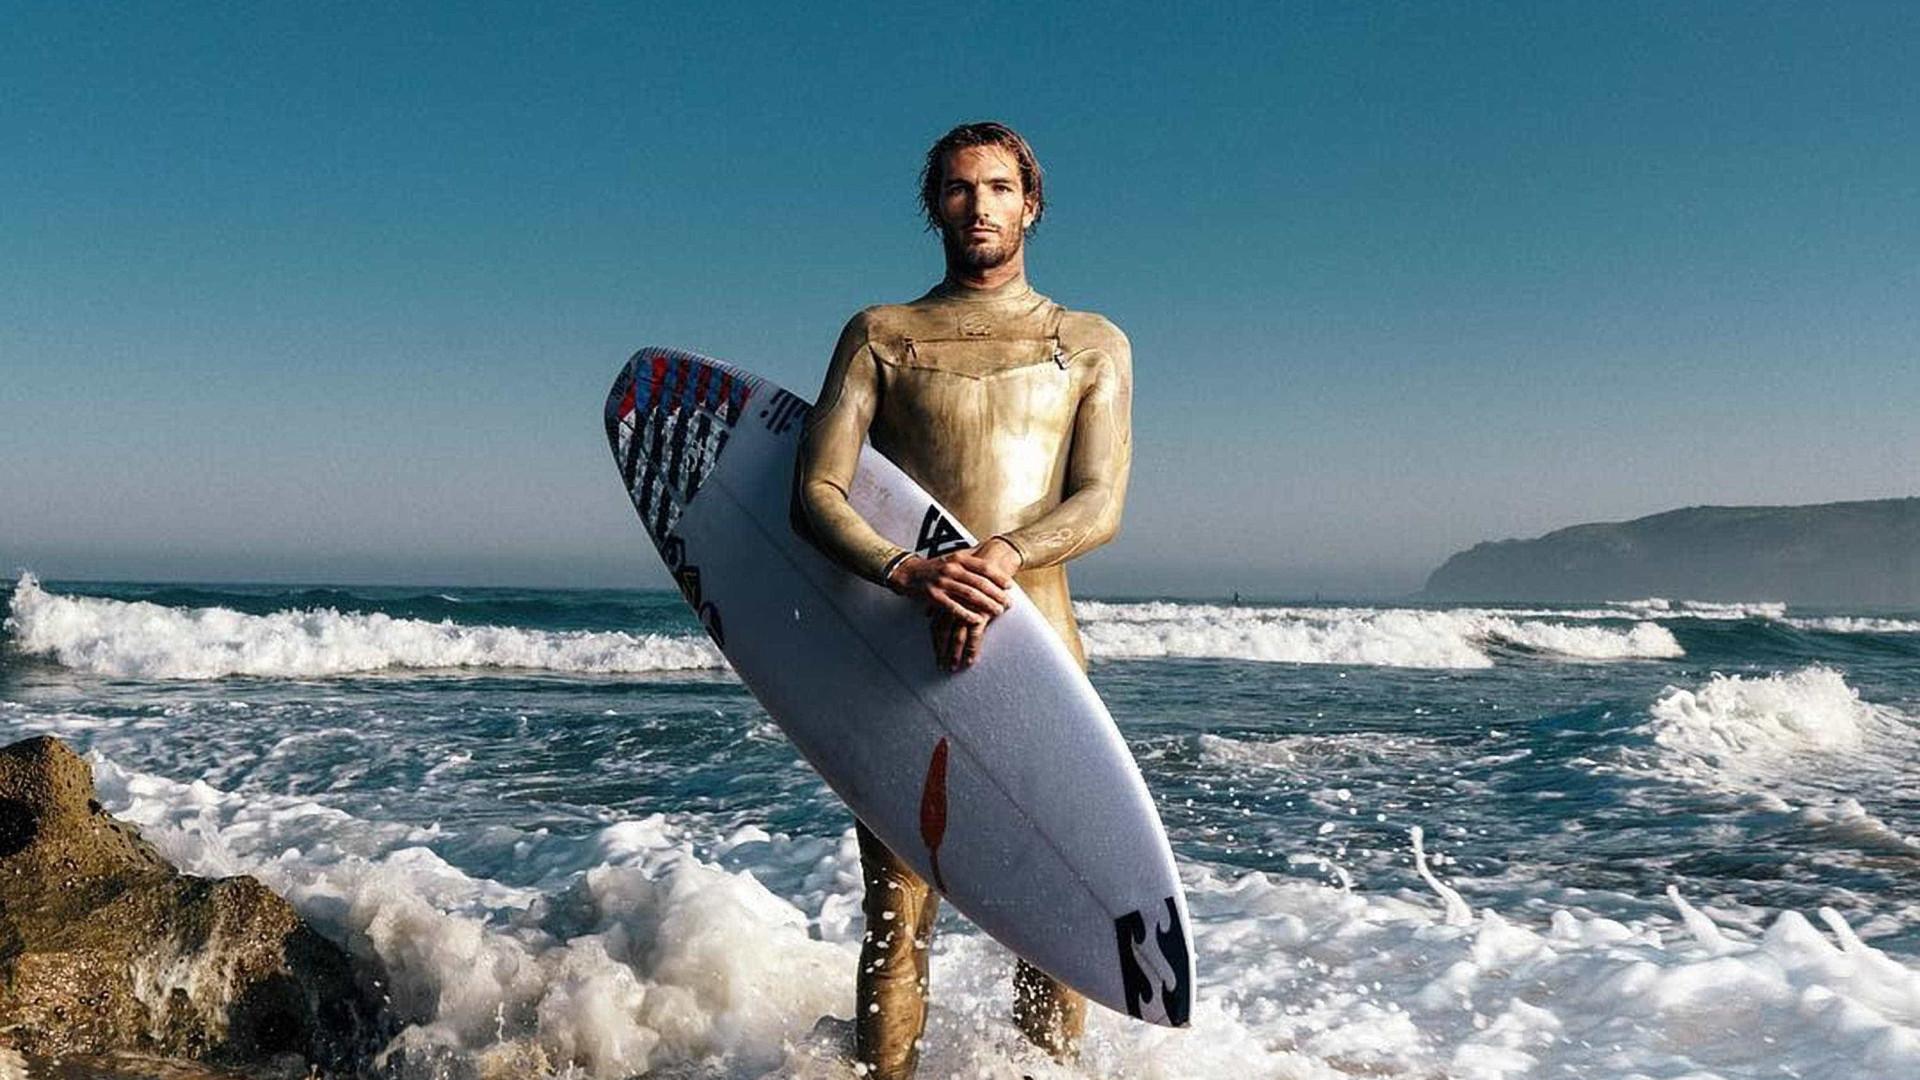 Veja as mulheres e os homens mais bonitos do surfe; fotos